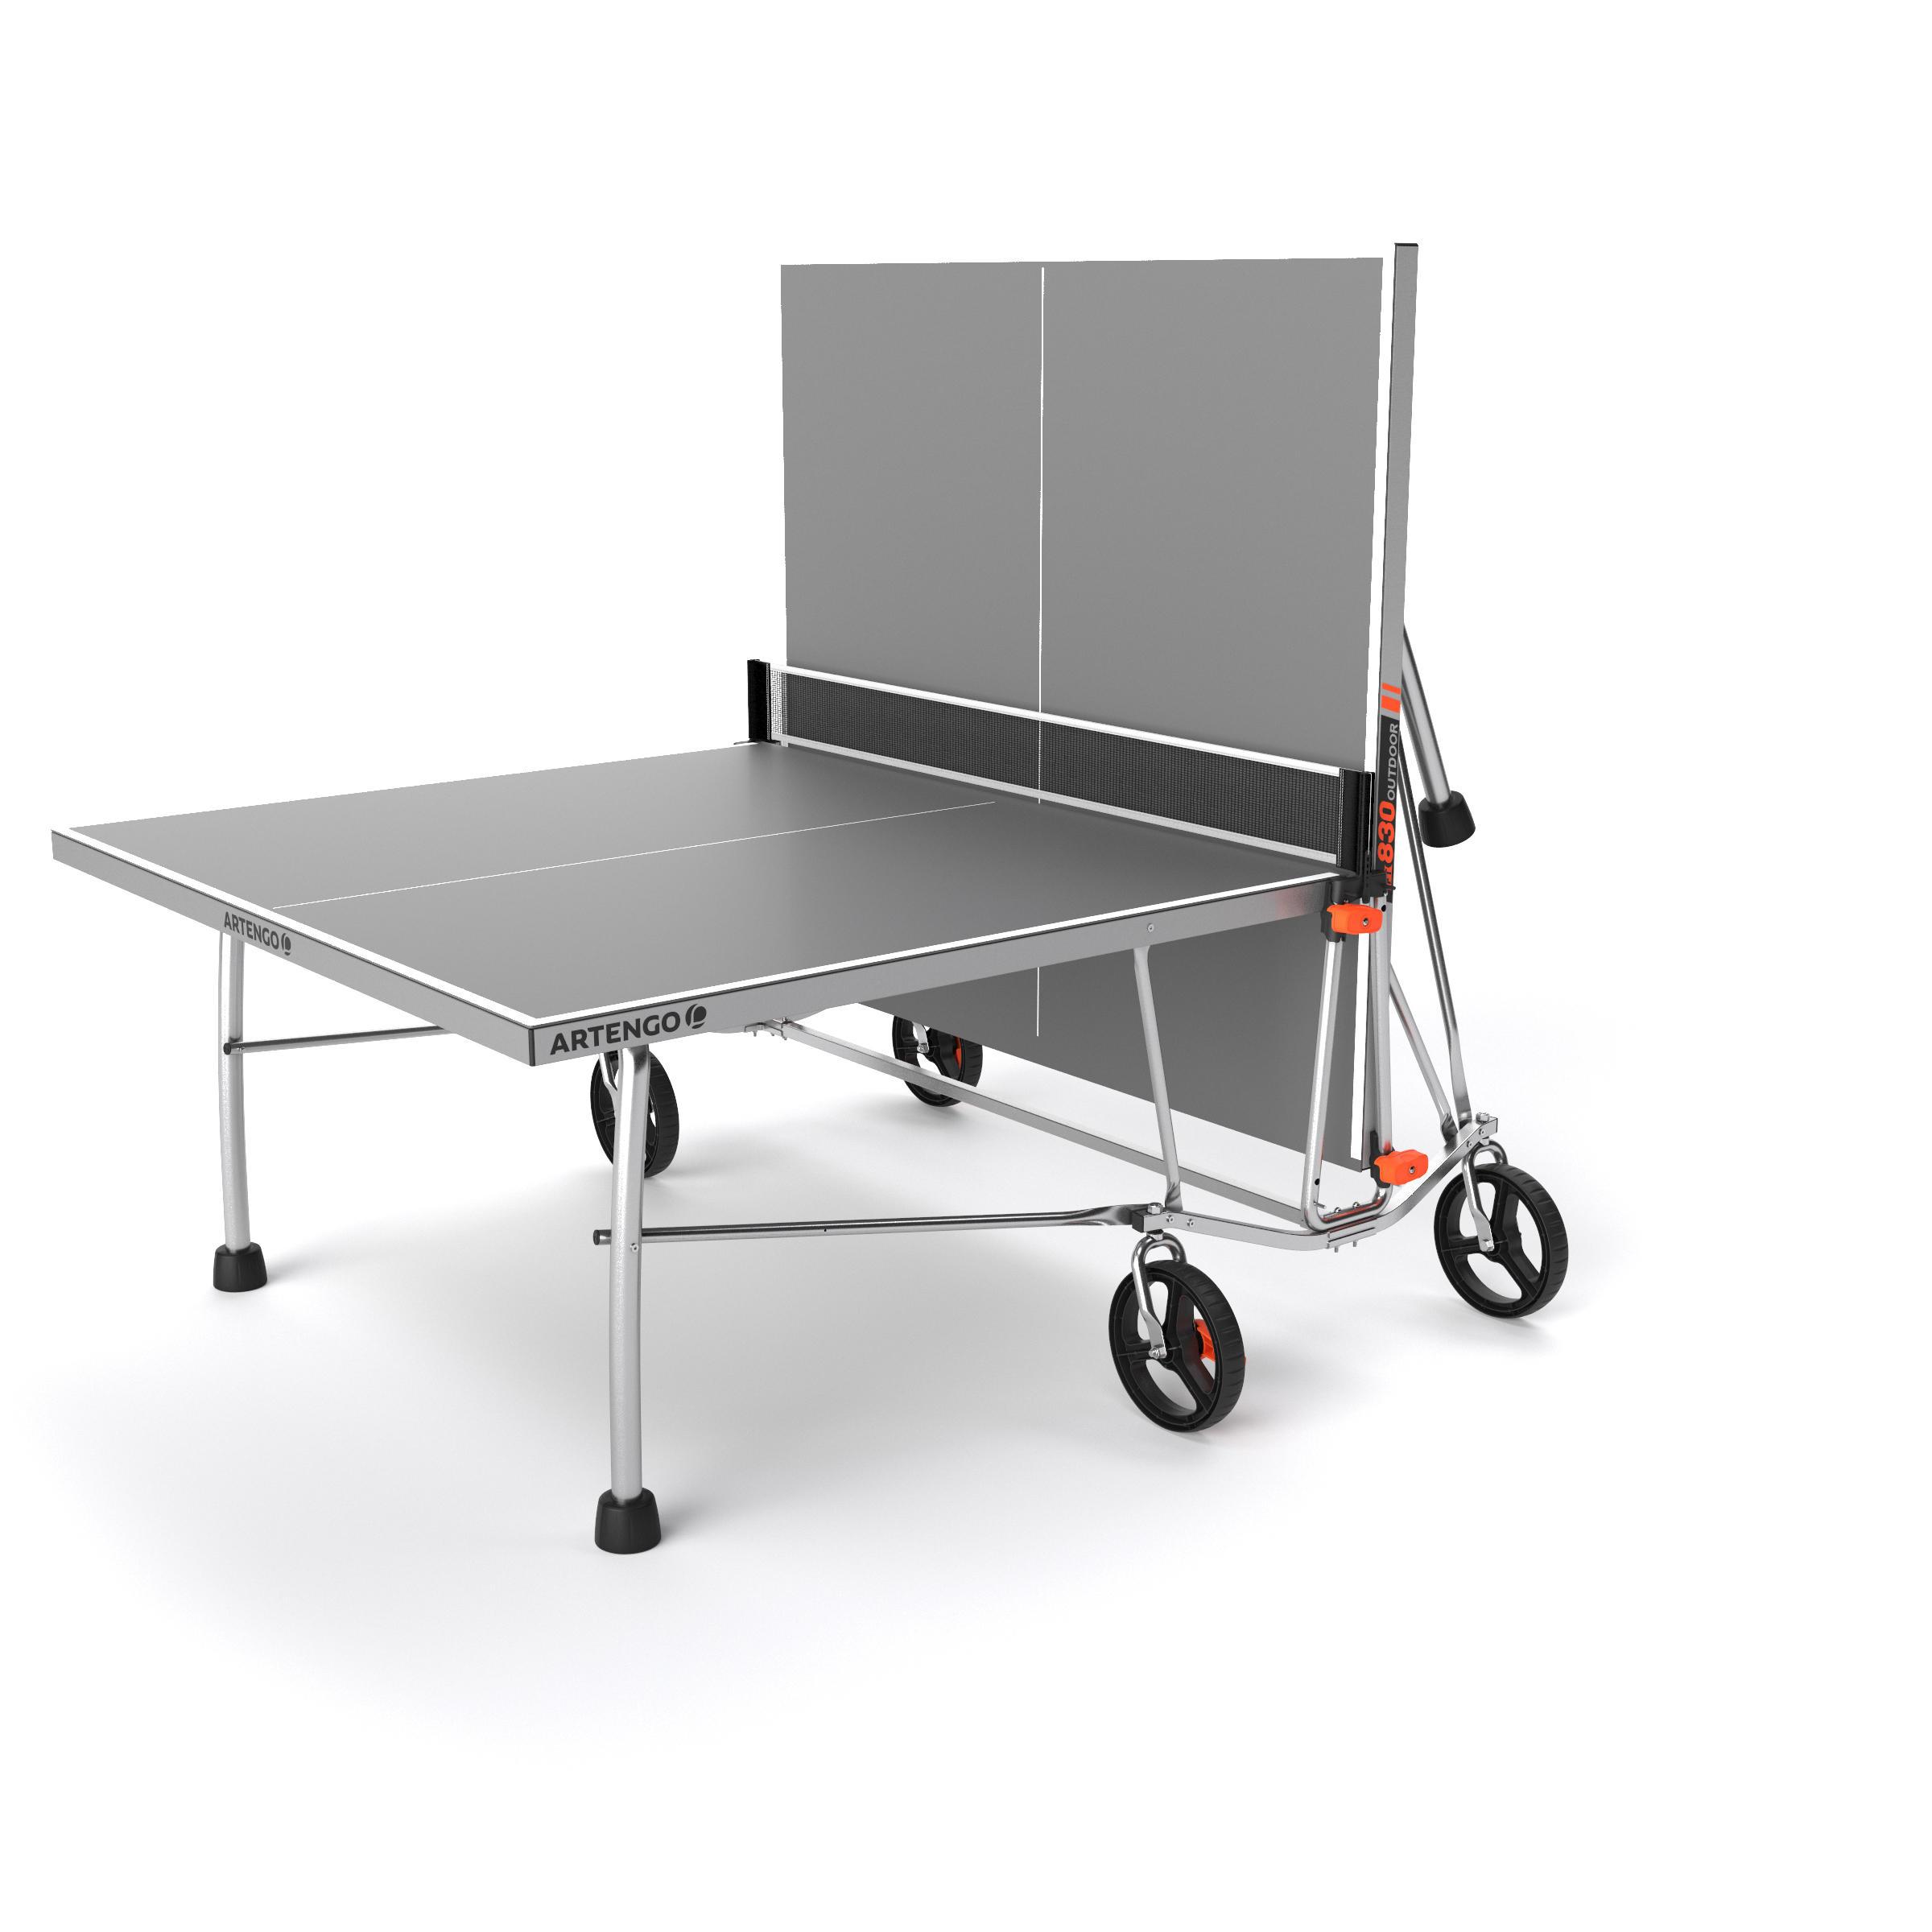 TABLE DE TENNIS LIBRE PPT 530 EXTÉRIEUR